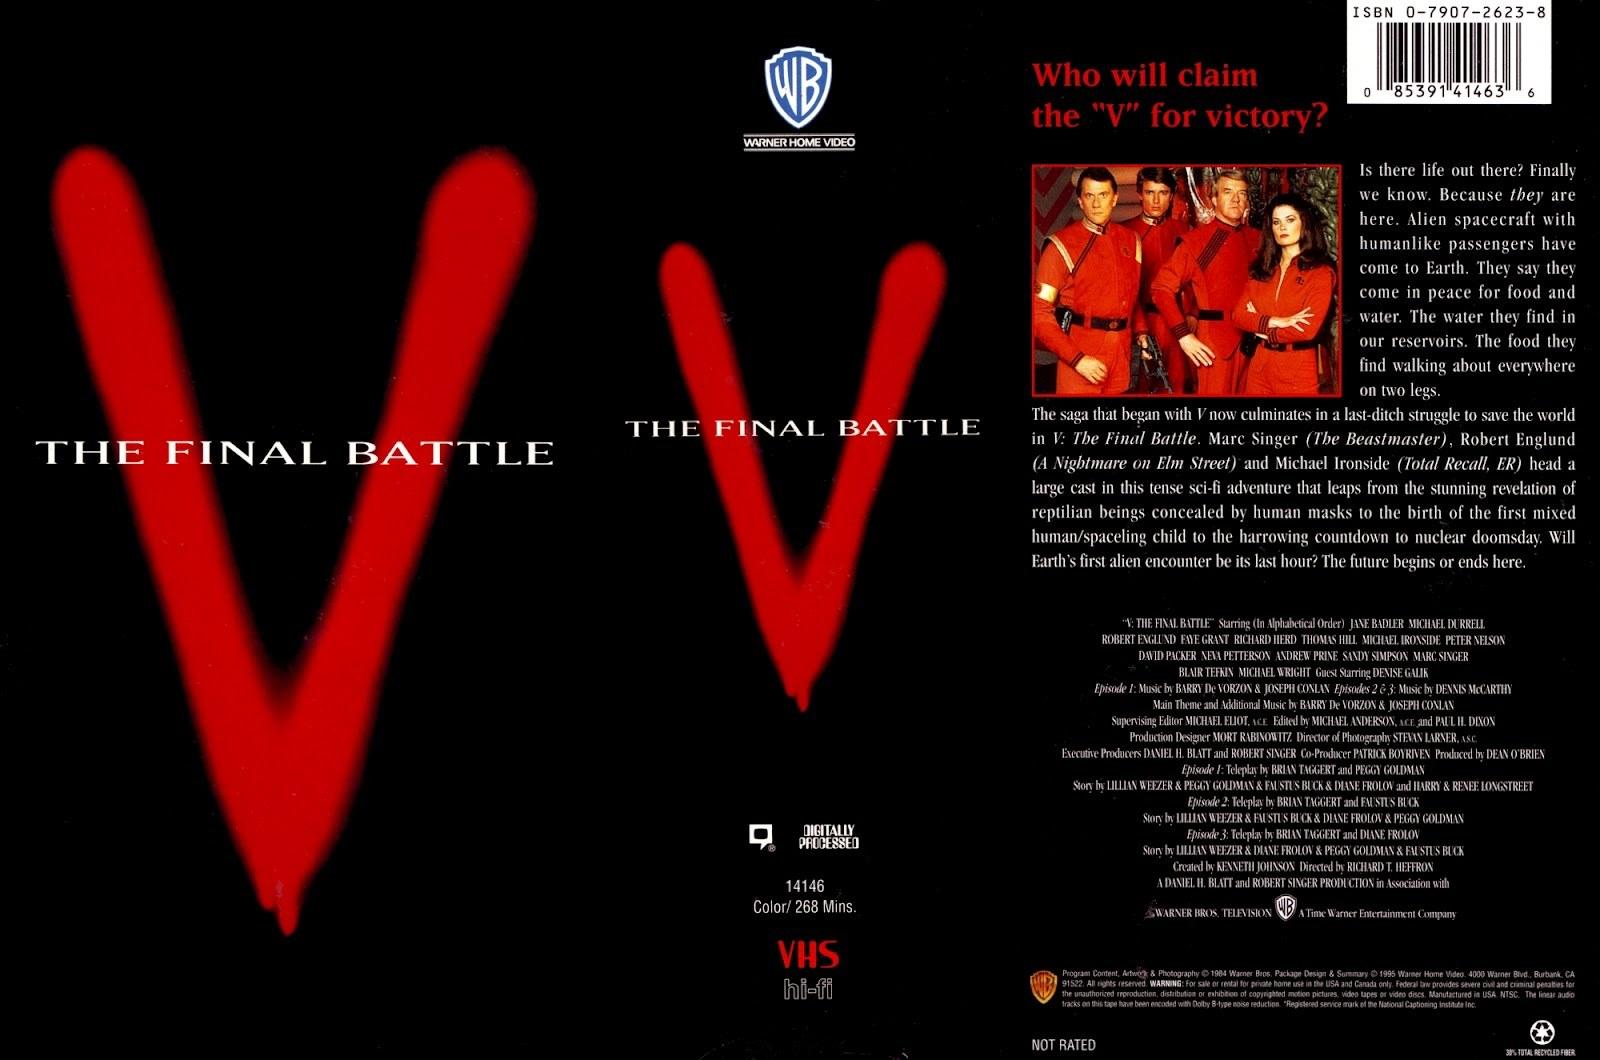 V (1983) & V: THE FINAL BATTLE (1984)_c0047930_04274470.jpg